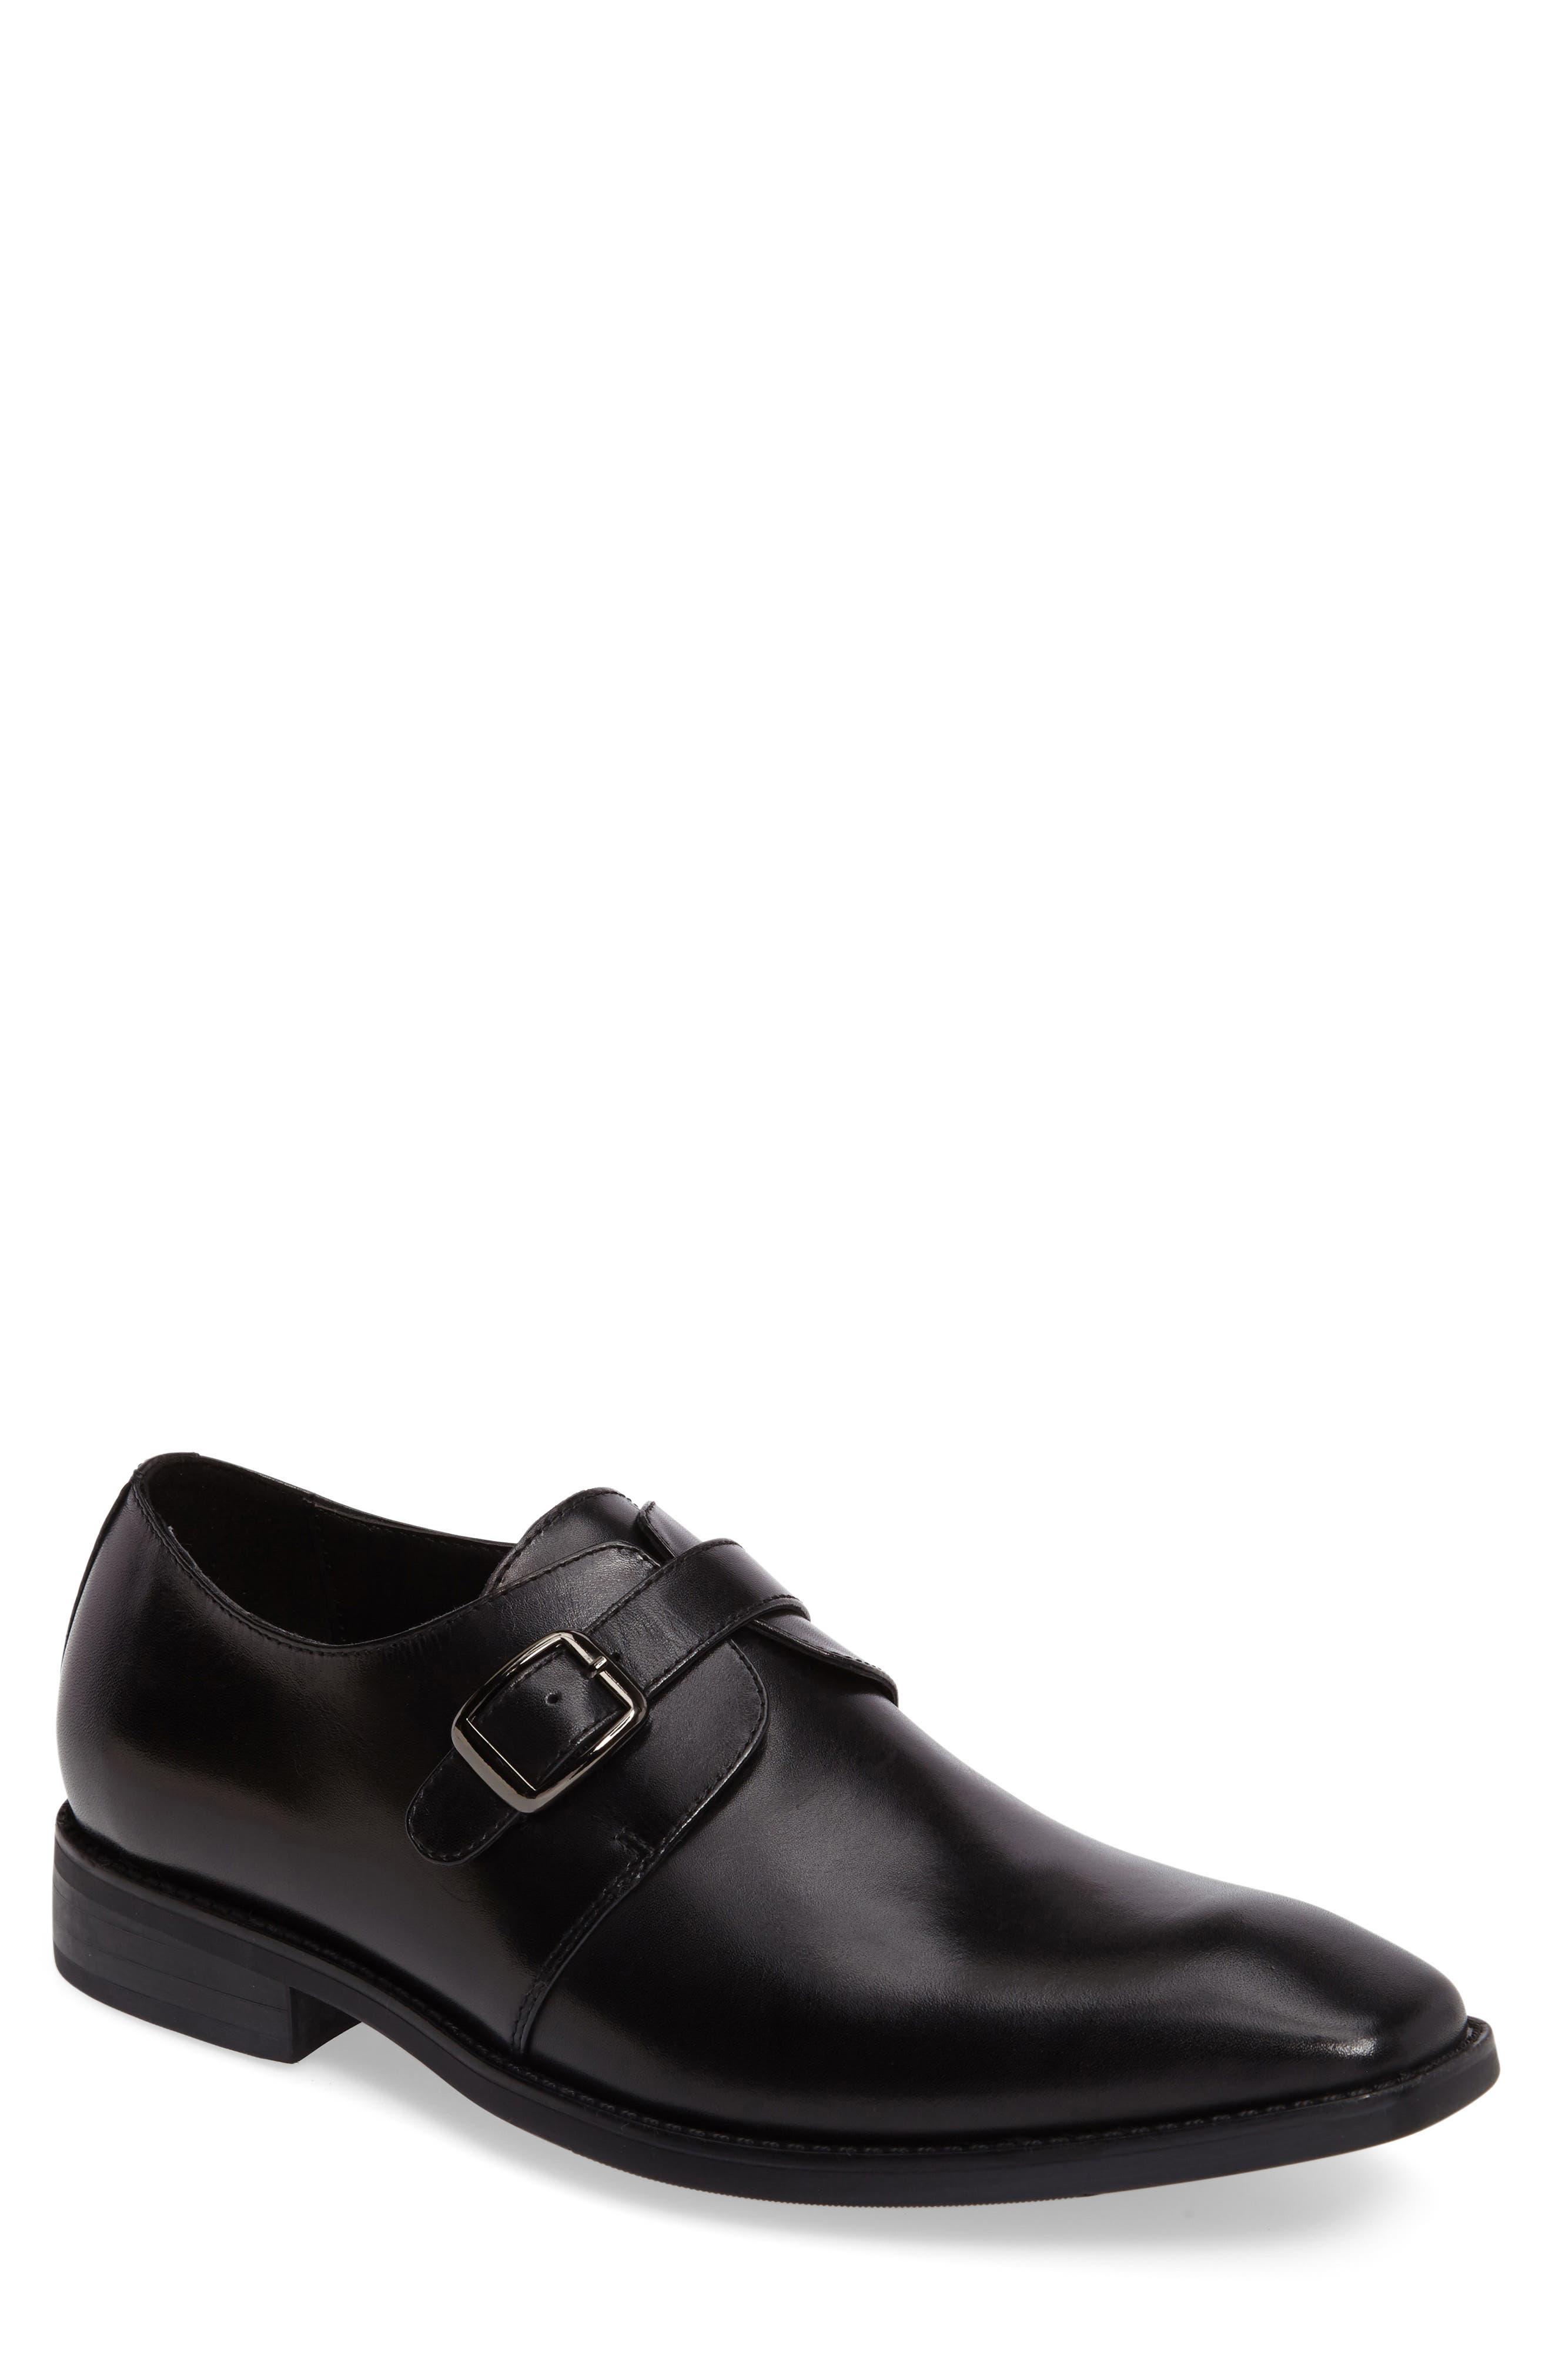 Landon Monk Strap Shoe,                         Main,                         color, 001